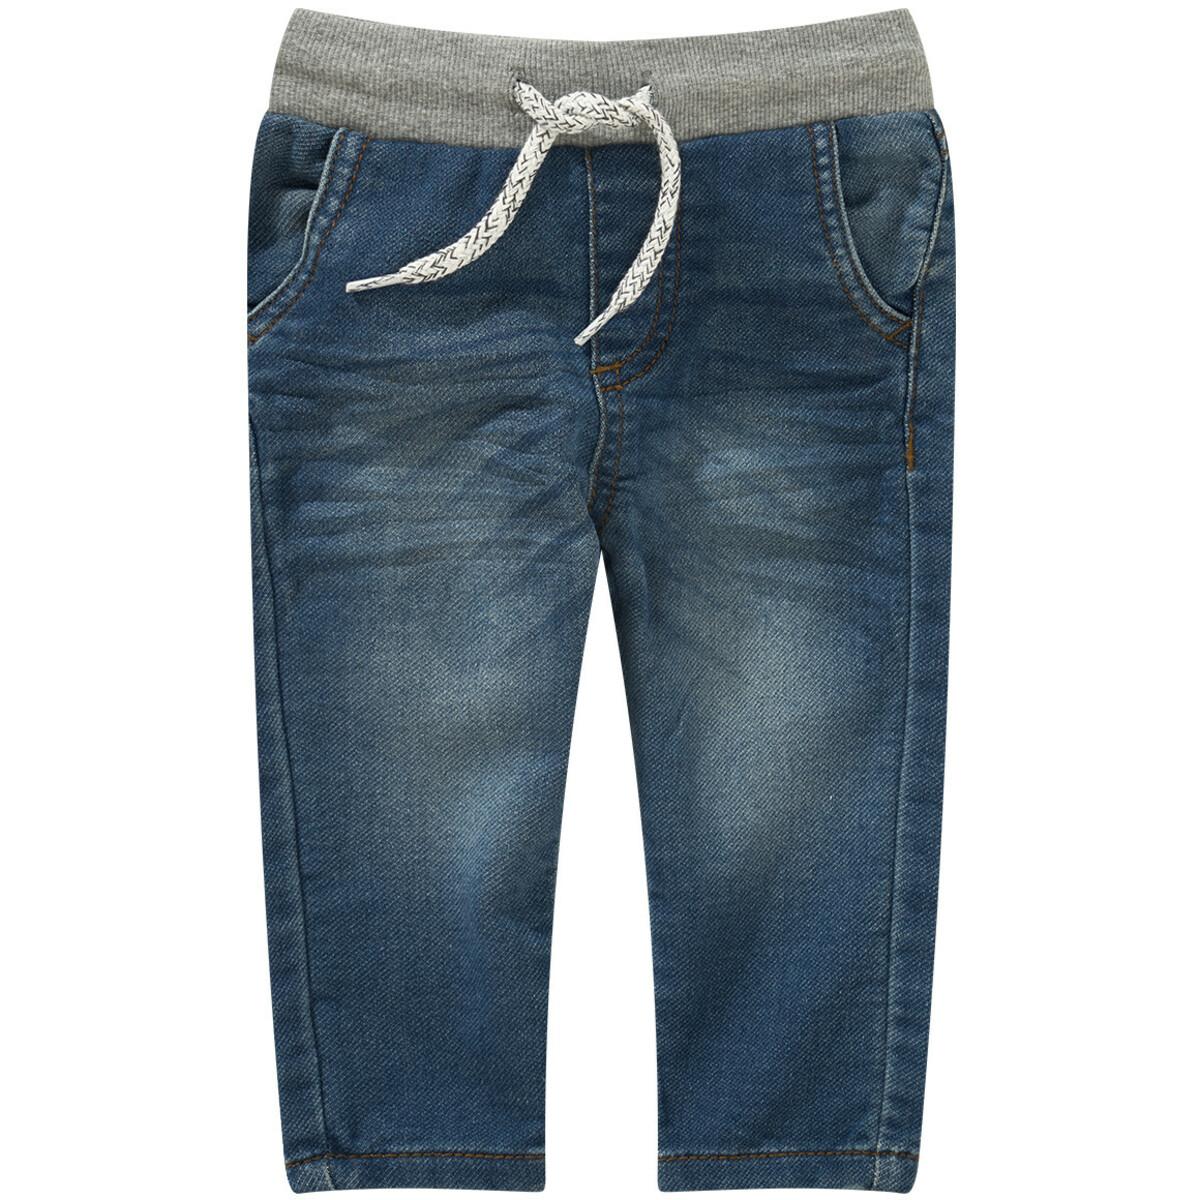 Bild 1 von Baby Pull-on-Jeans